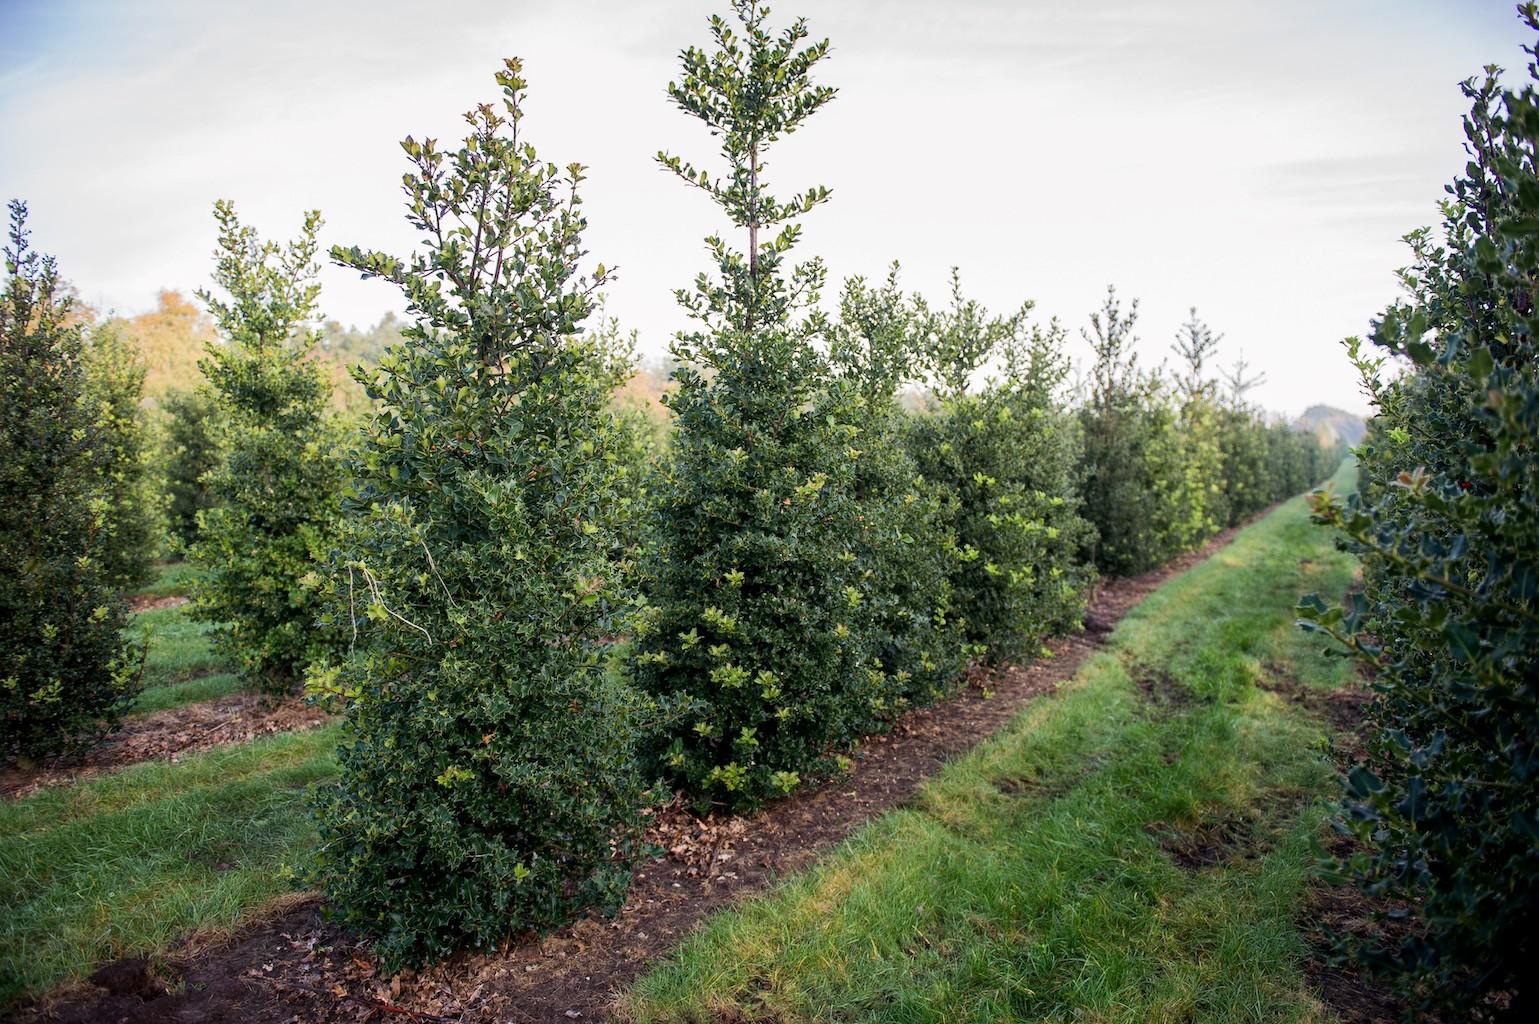 Ilex aquifolium hedge plants